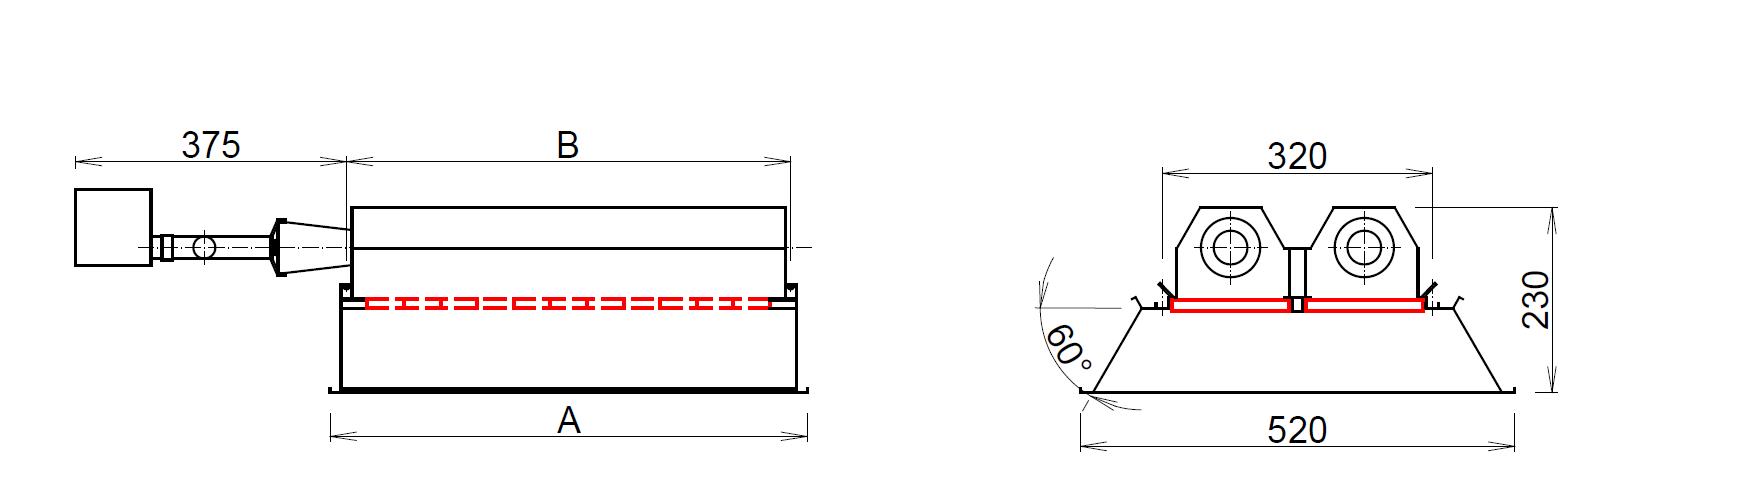 MKV 25 - 43 kW